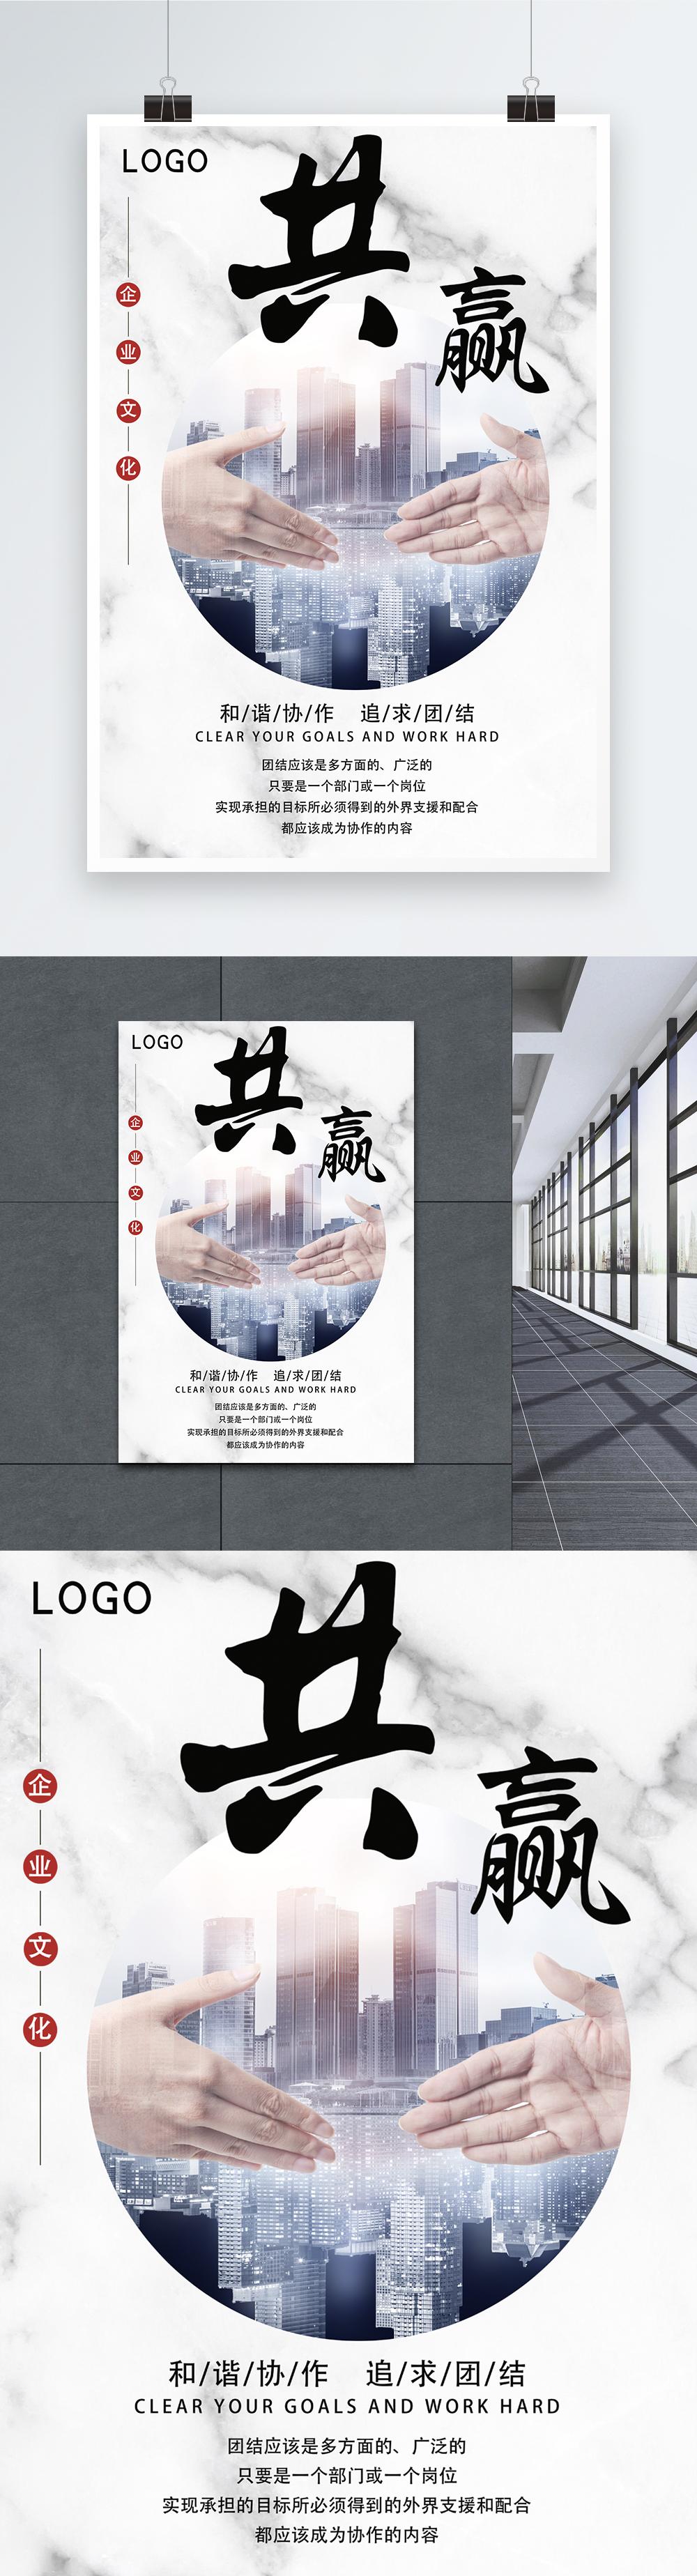 厚积薄发企业精神宣传海报图片素材编号400178159_prf